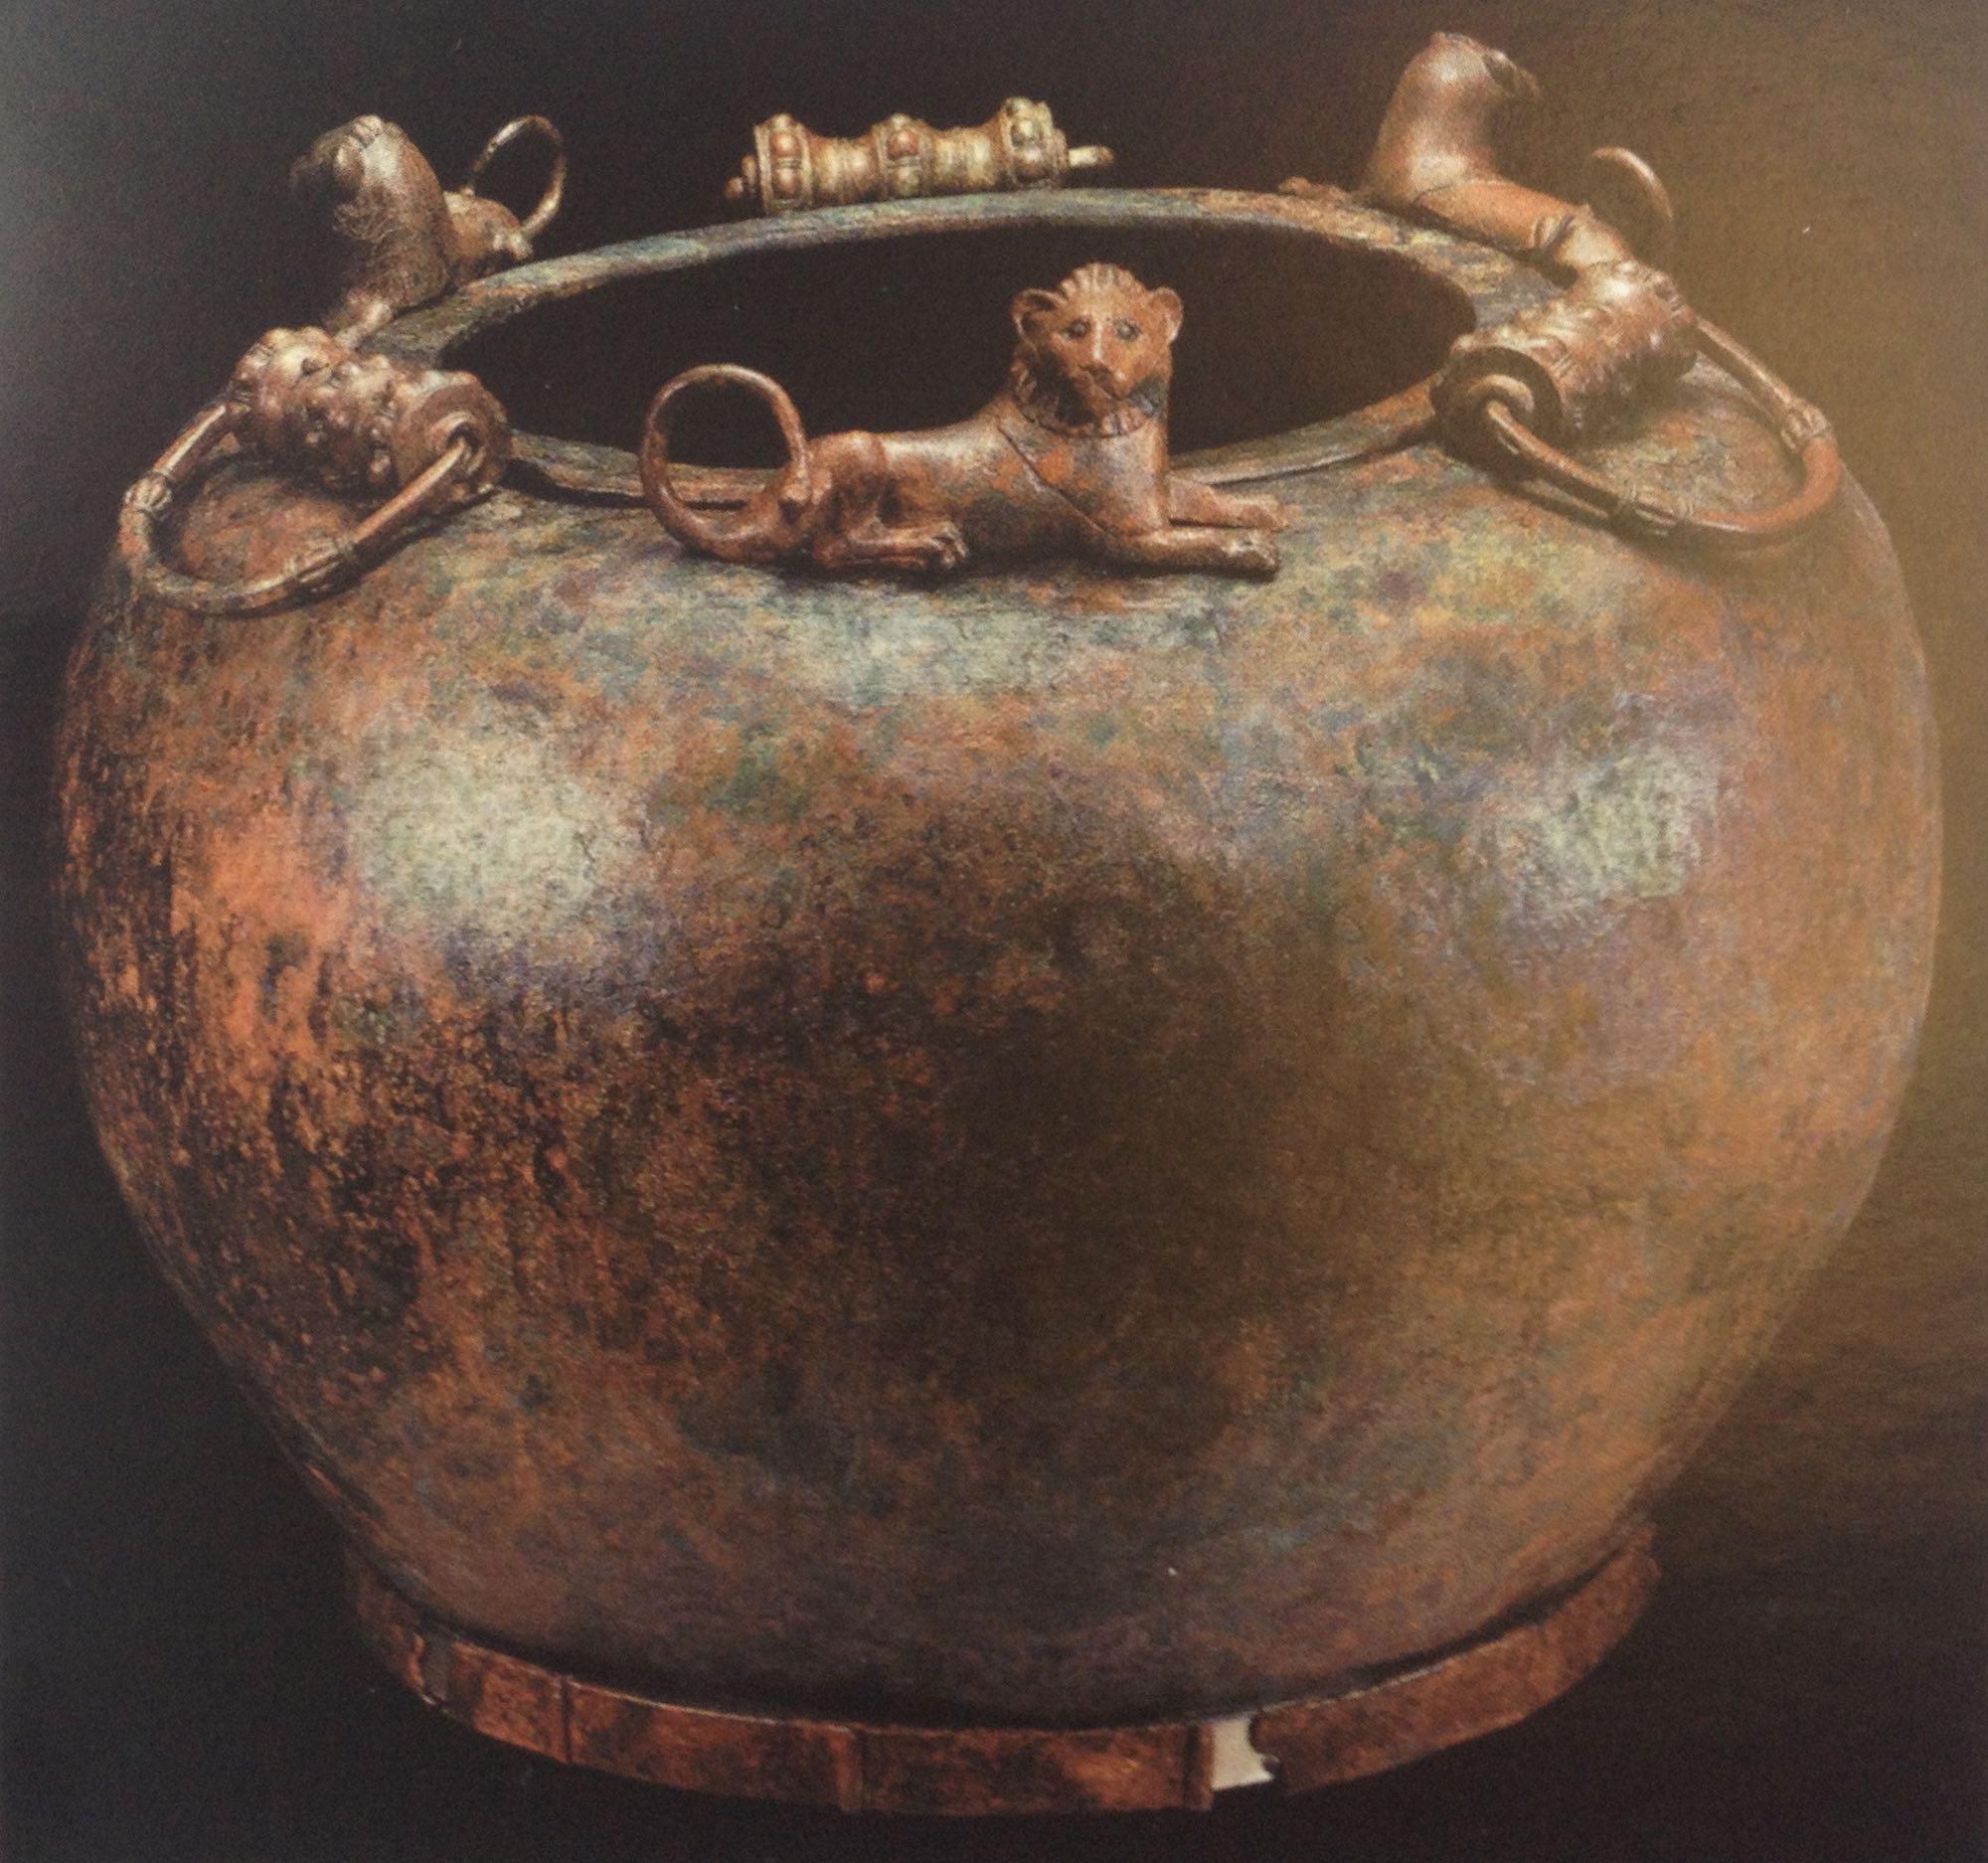 Il calderone della capienza di 550 litri ritrovato nella tomba celtica di Hochdorf, in Germania.